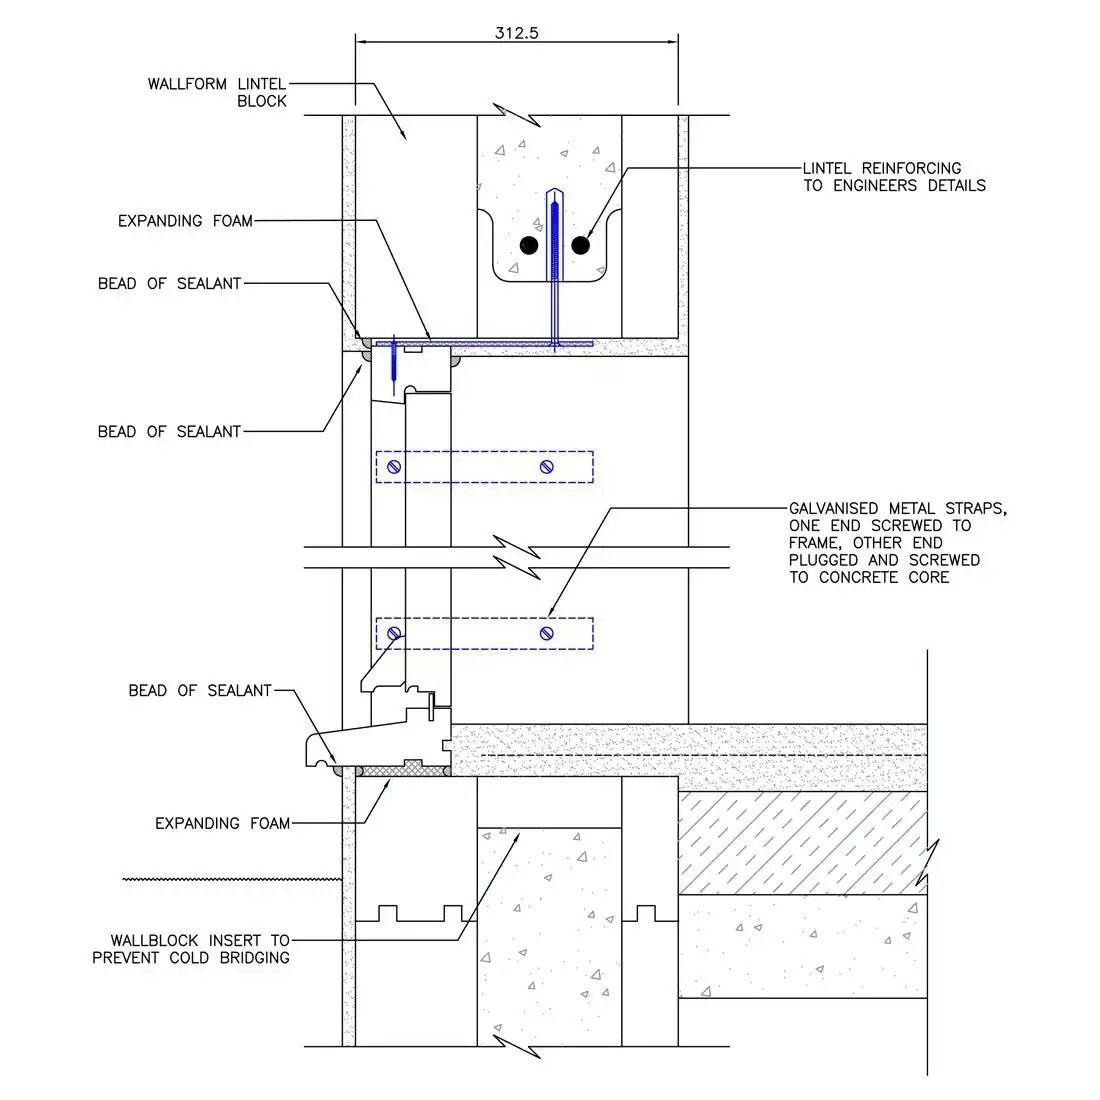 block lintel concrete formwork window detail construction floor plans diagram windows [ 1100 x 1100 Pixel ]